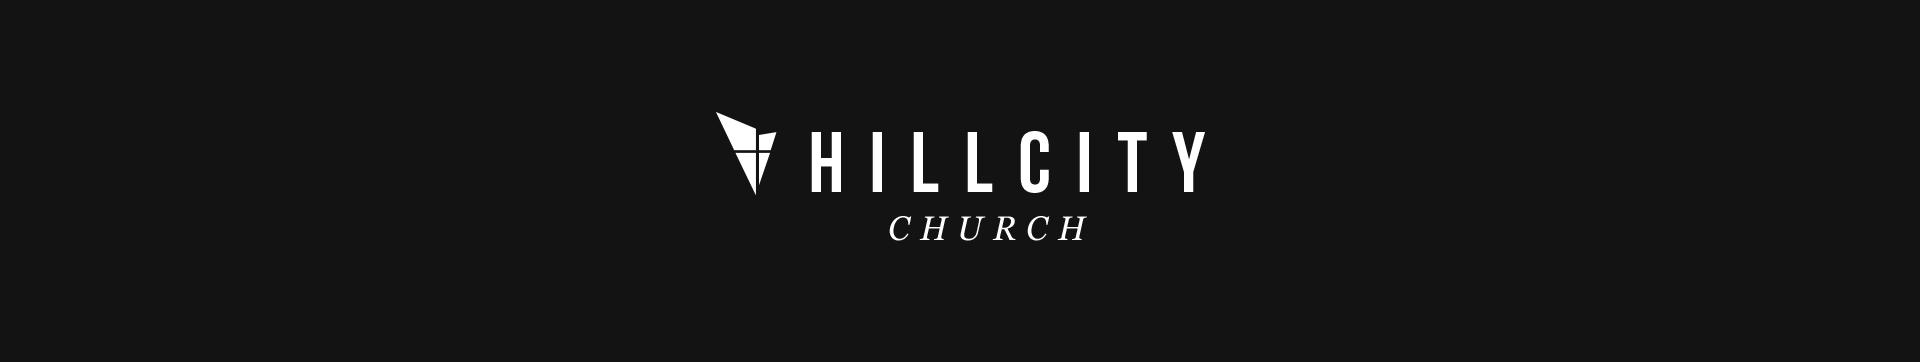 HillCity Logo Banner.jpg